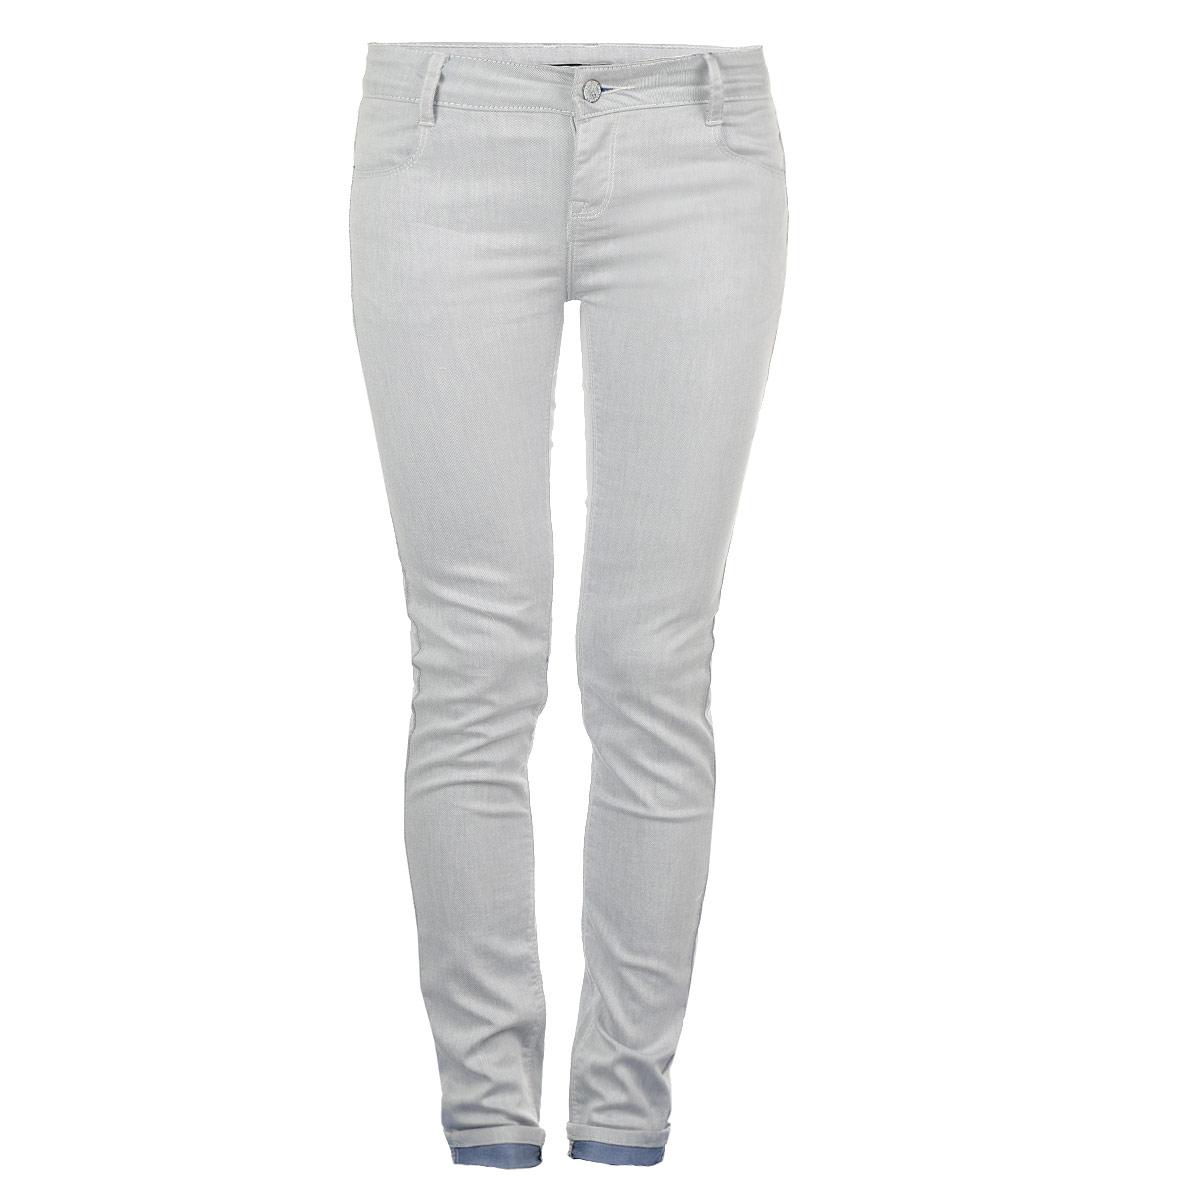 Джинсы женские. 515611515611Стильные женские джинсы Savage - джинсы высочайшего качества на каждый день, которые прекрасно сидят. Модель слегка зауженного кроя и средней посадки изготовлена из высококачественного материала, очень приятного на ощупь. Застегиваются джинсы на пуговицу в поясе и ширинку на застежке-молнии, имеются шлевки для ремня. Спереди модель оформлены двумя втачными карманами, а сзади - двумя накладными карманами. Эти модные и в тоже время комфортные джинсы послужат отличным дополнением к вашему гардеробу. В них вы всегда будете чувствовать себя уютно и комфортно.